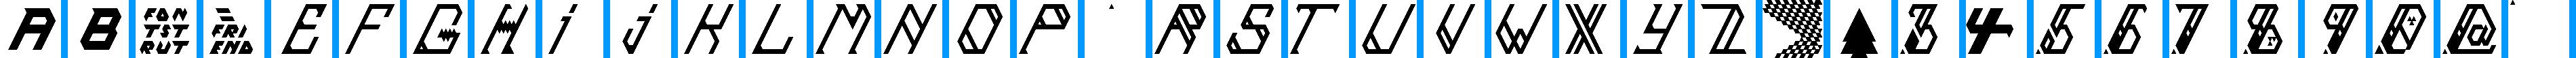 Particip-a-type v.341